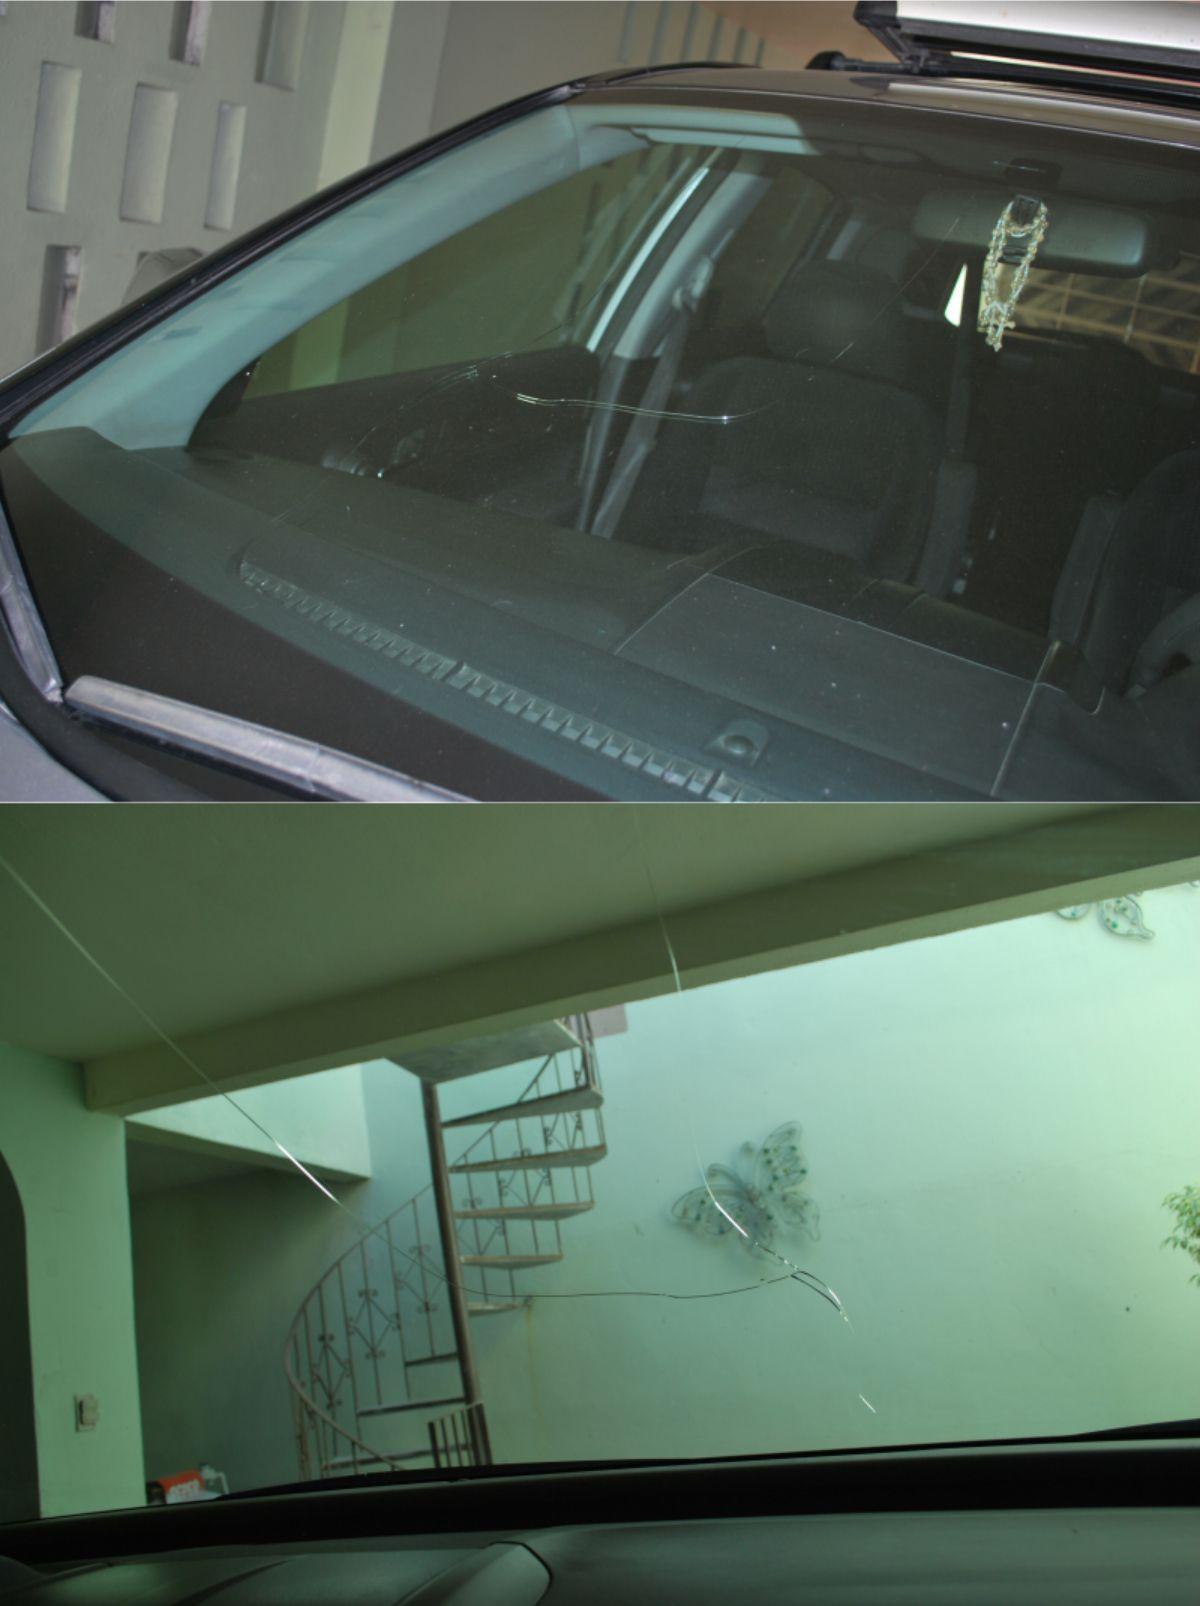 2008 honda cr v windshield. Black Bedroom Furniture Sets. Home Design Ideas